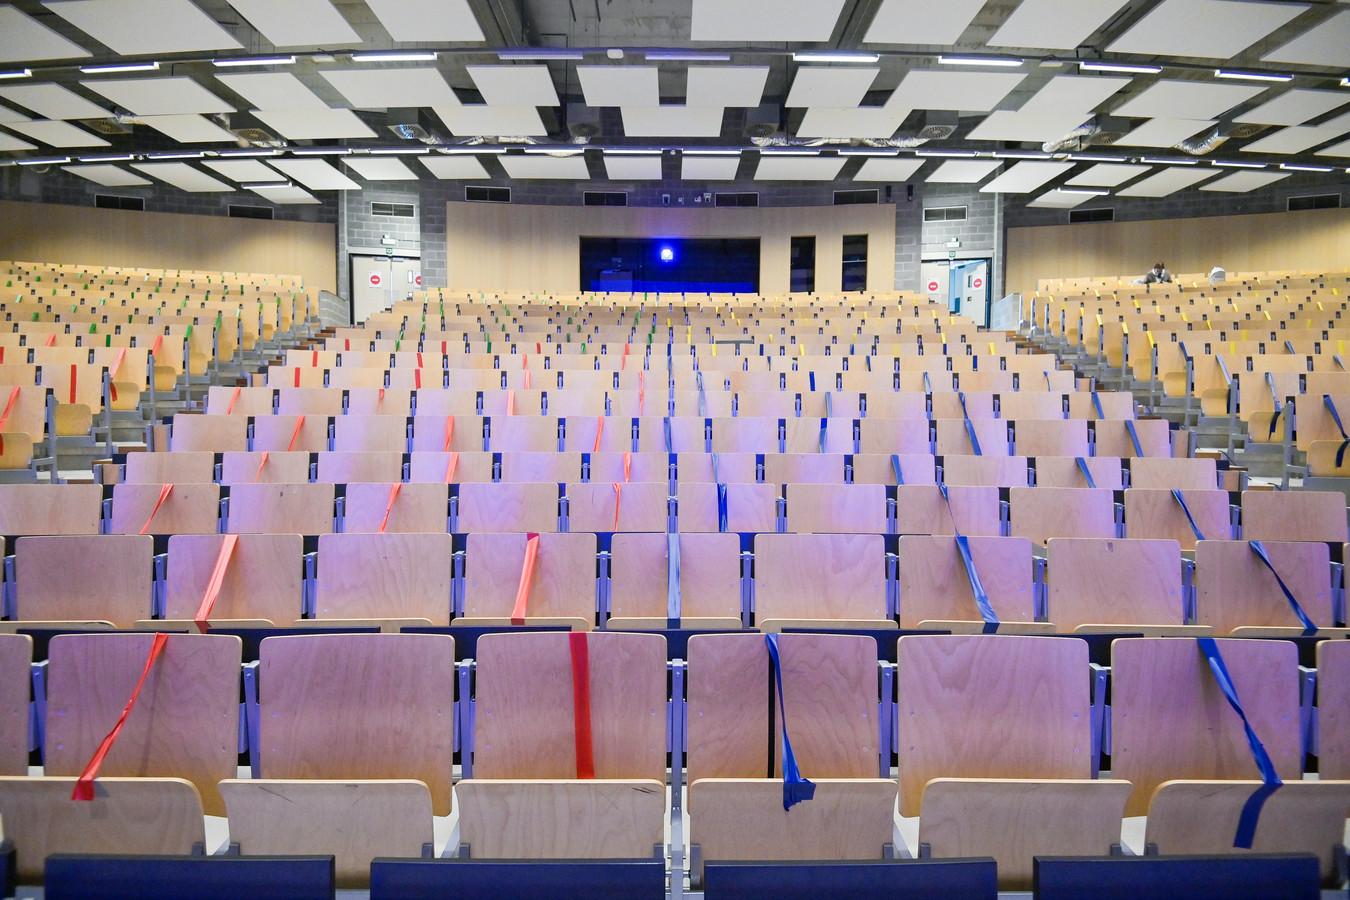 Un auditoire vide l'ULB, dans l'attente du retour des étudiants